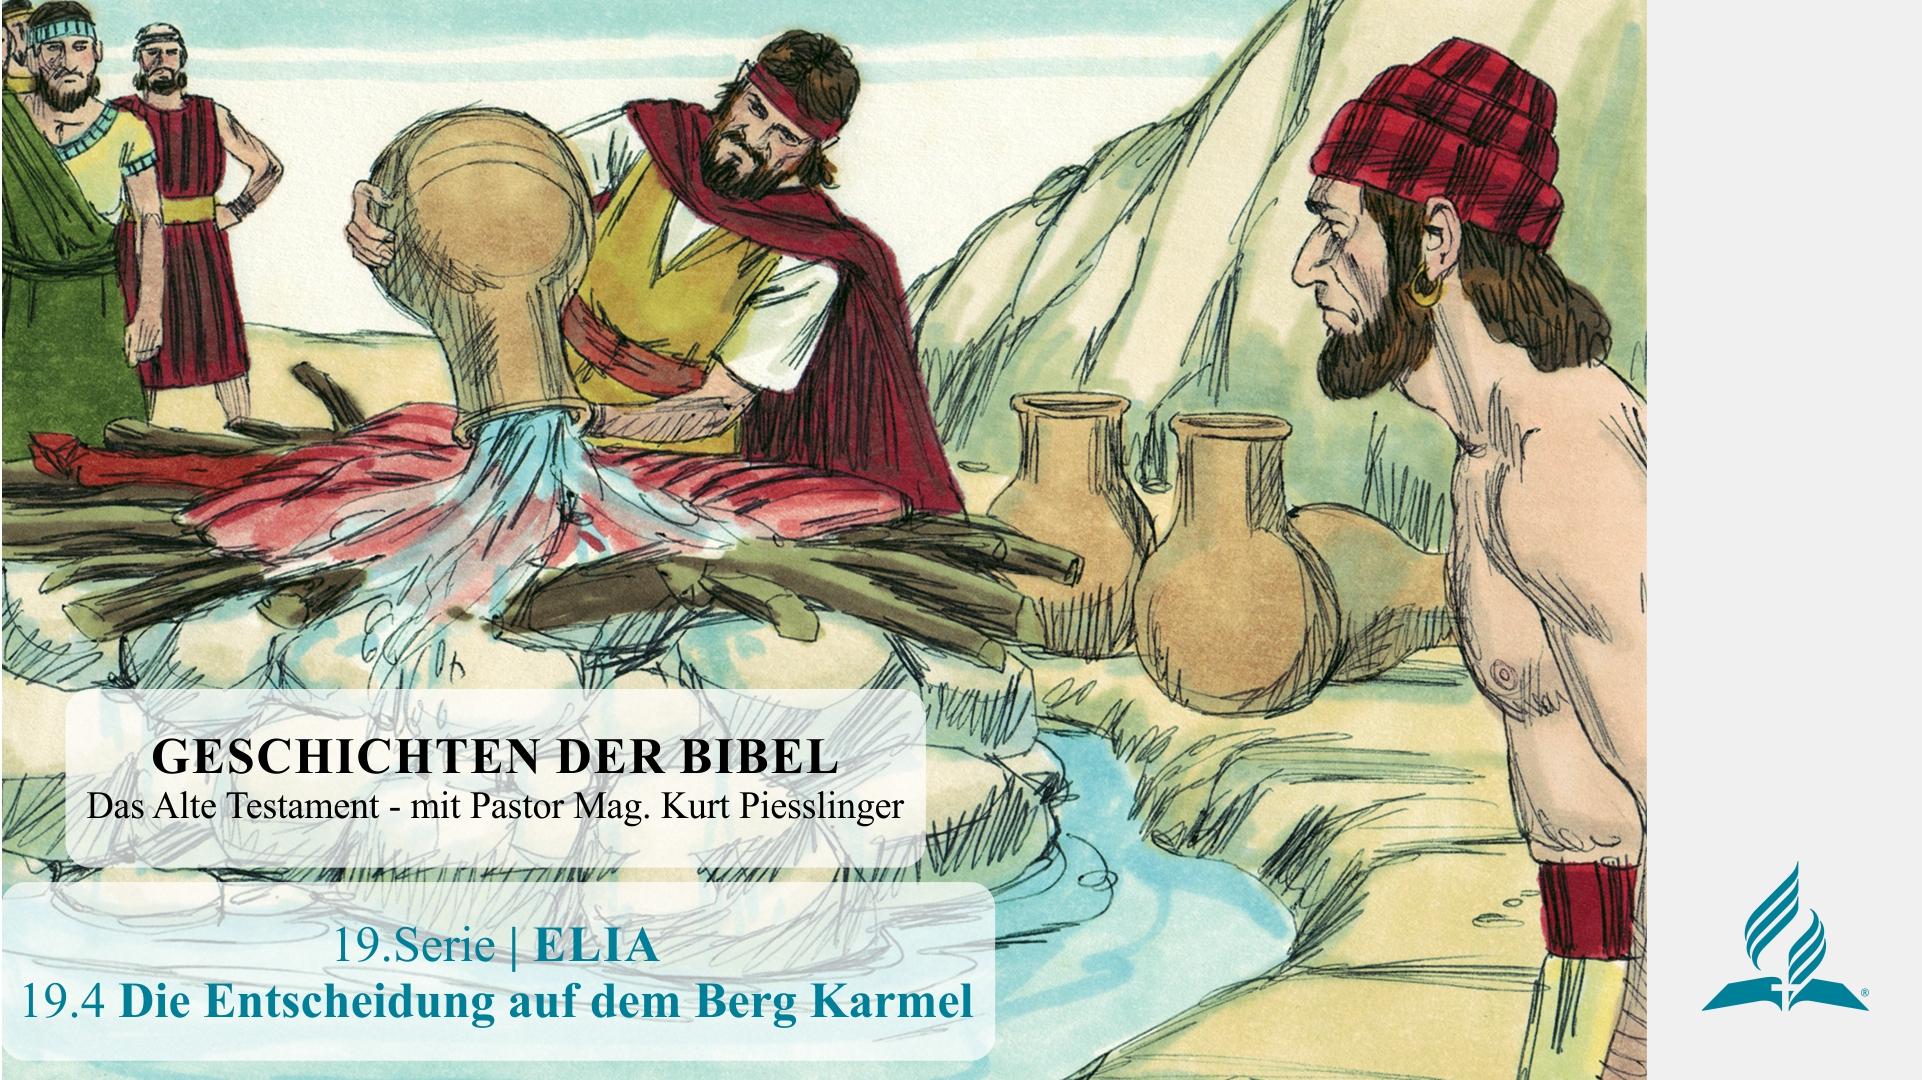 GESCHICHTEN DER BIBEL : 19.4 Die Entscheidung auf dem Berg Karmel – 19.ELIA | Pastor Mag. Kurt Piesslinger